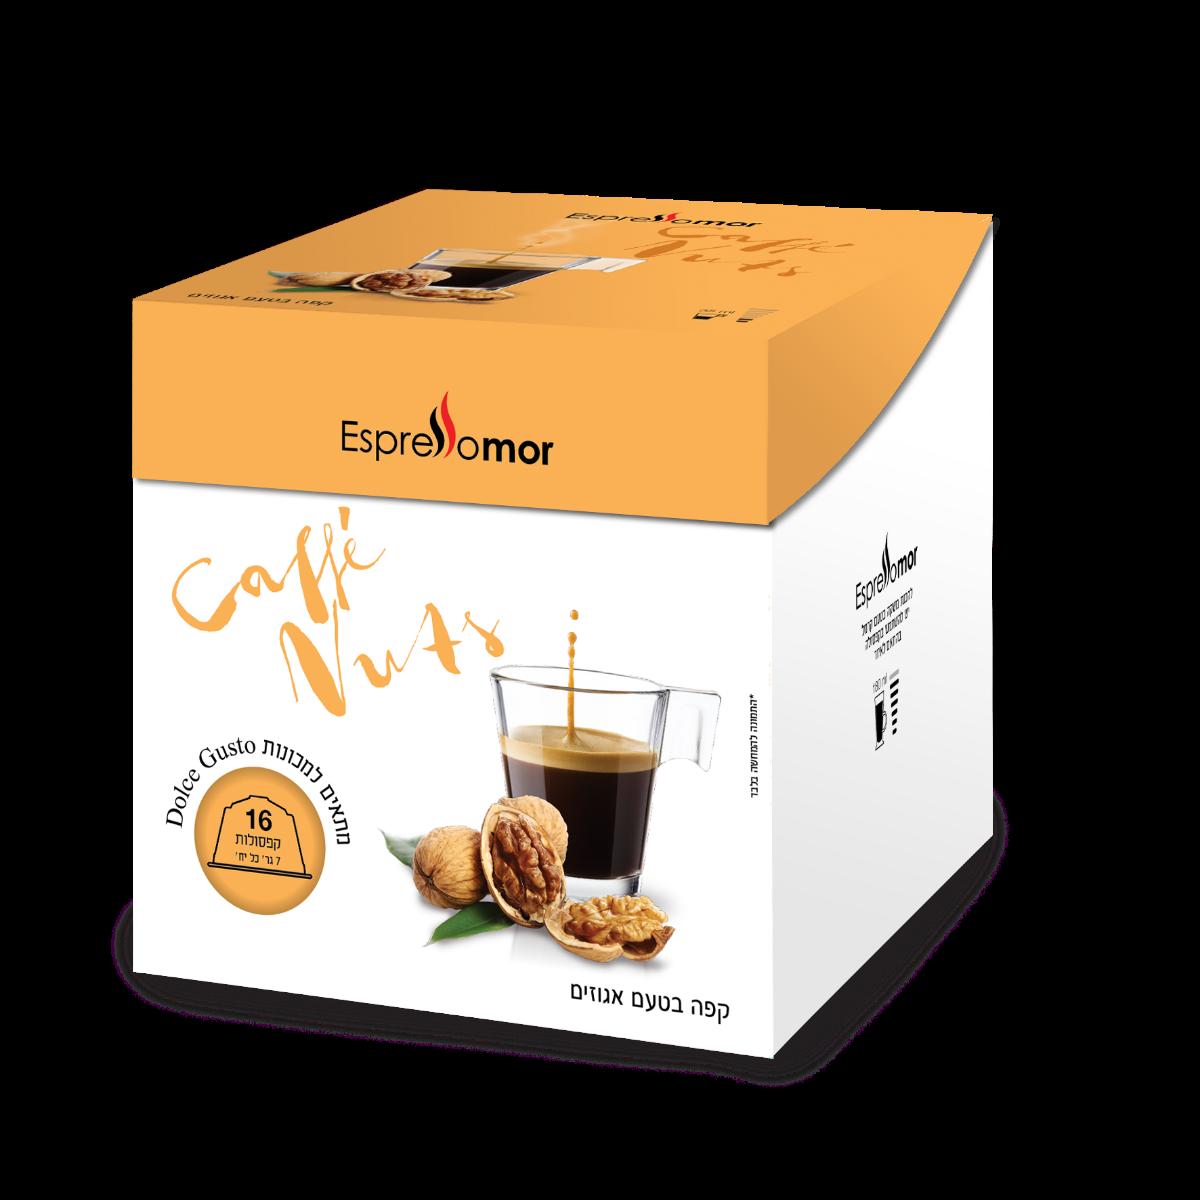 96 קפסולות קפה בטעם אגוז לוז